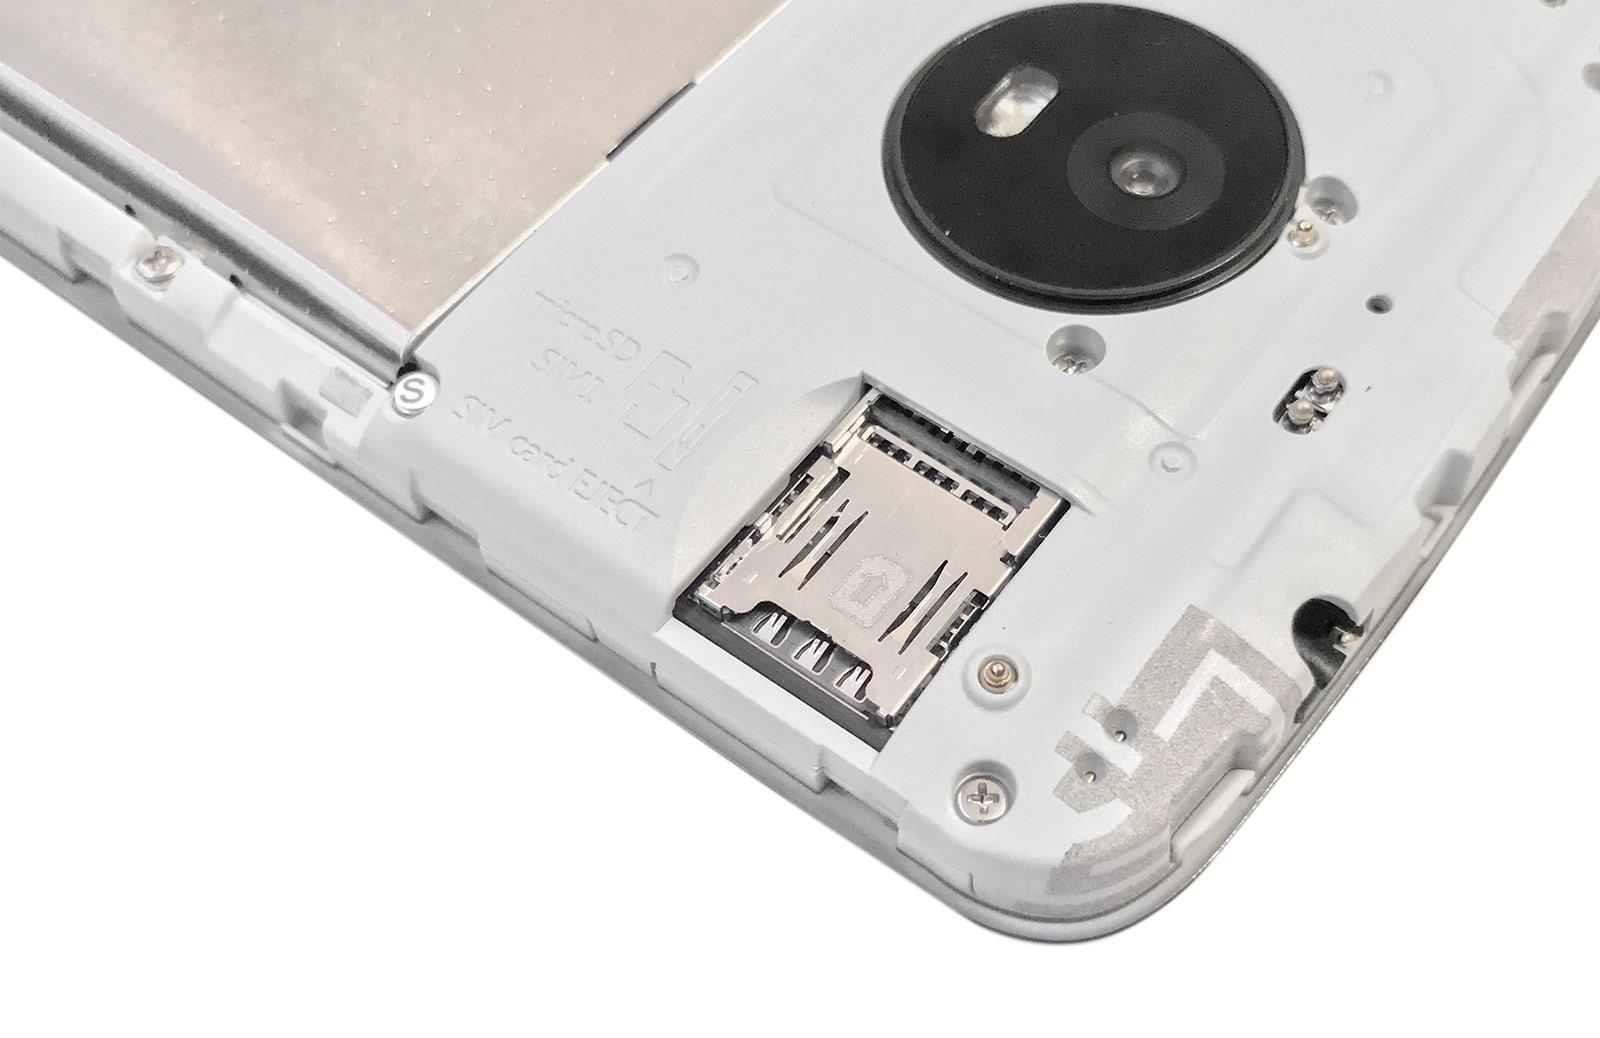 Обзор смартфона Moto E Plus: 5000 мАч в тонком корпусе - 13